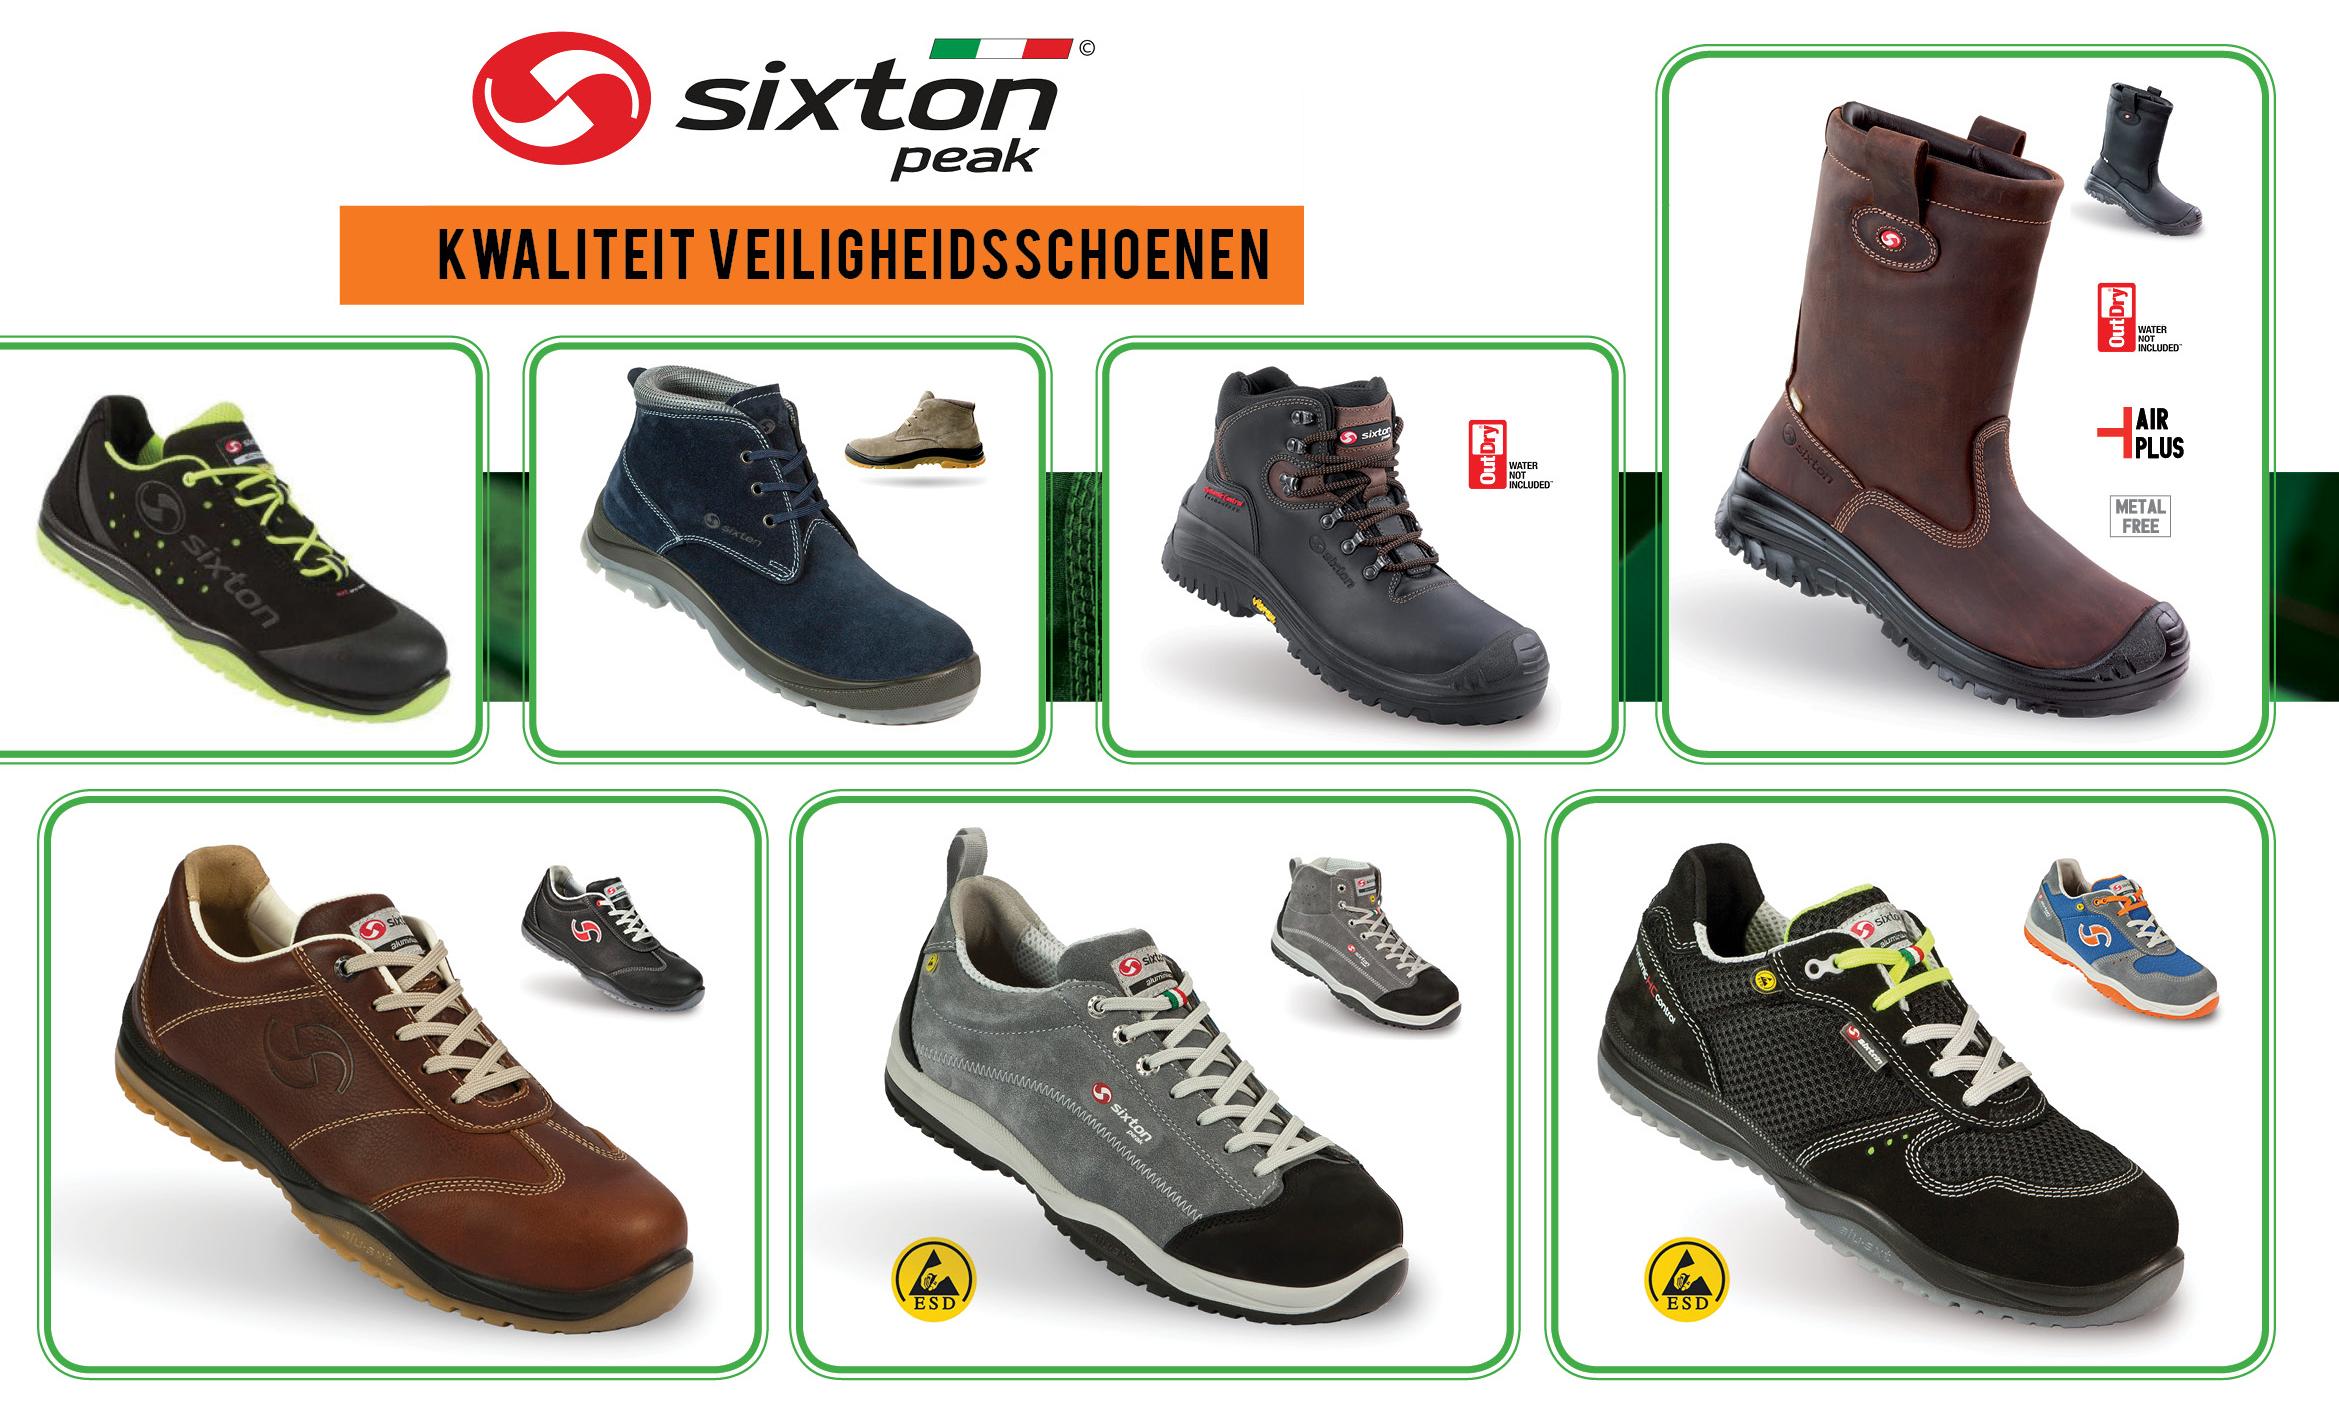 opmaak-a4-flyer-2016-sixton-schoenen-hr